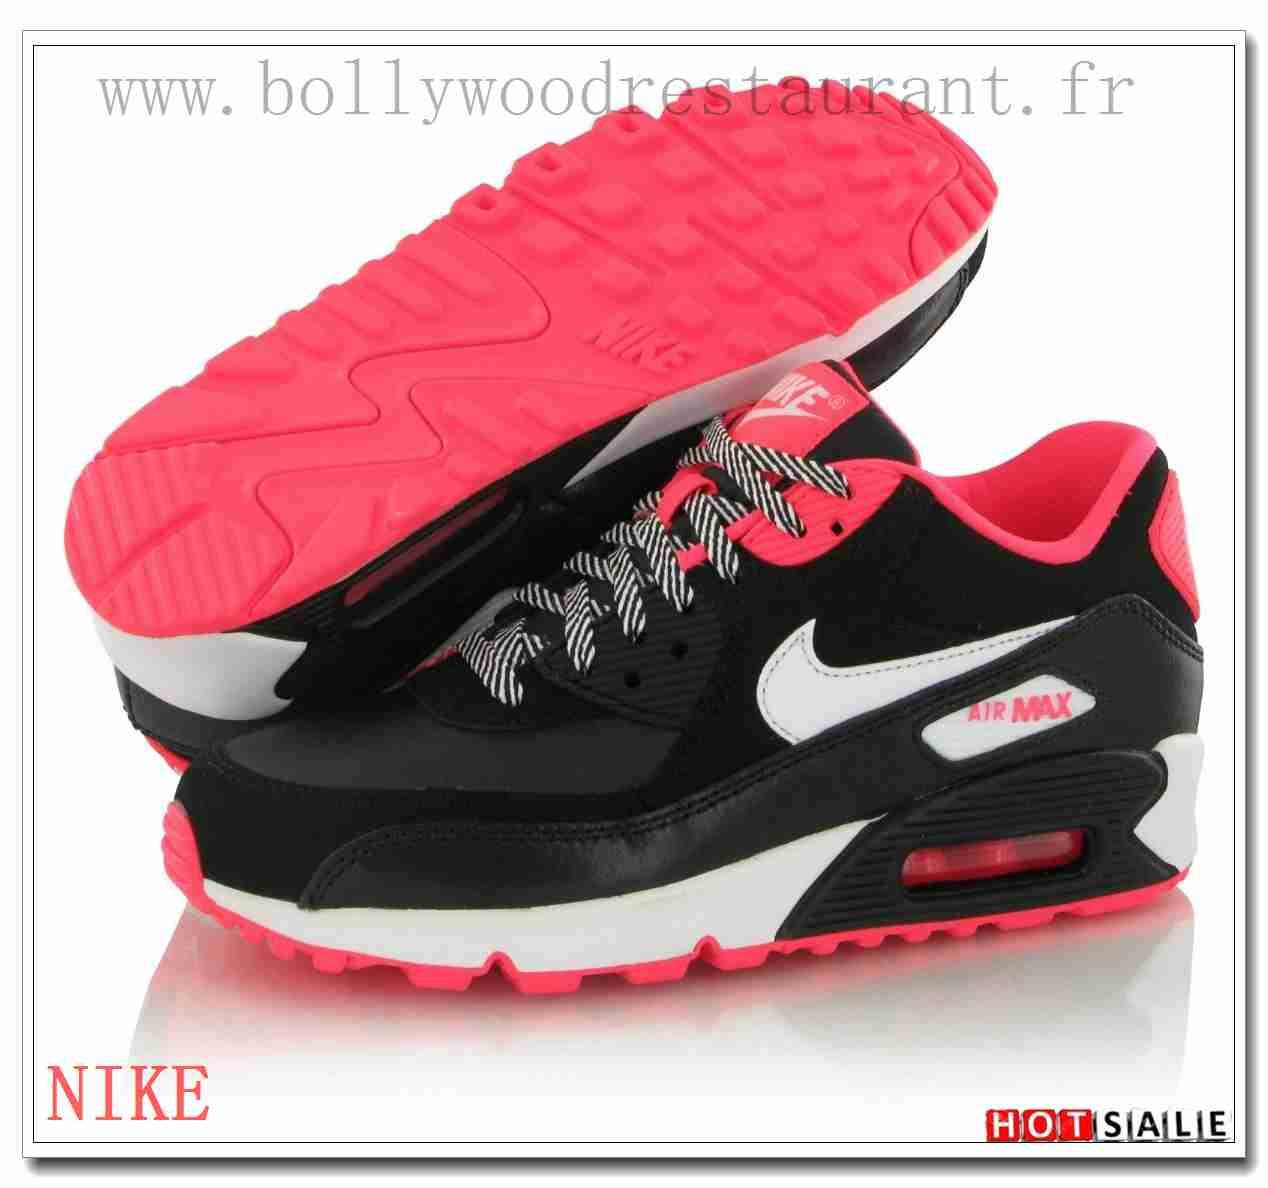 VE3598 Meilleur Prix 2018 Nouveau style Nike Air Max 90 - Femme Chaussures  - Rose Promotions